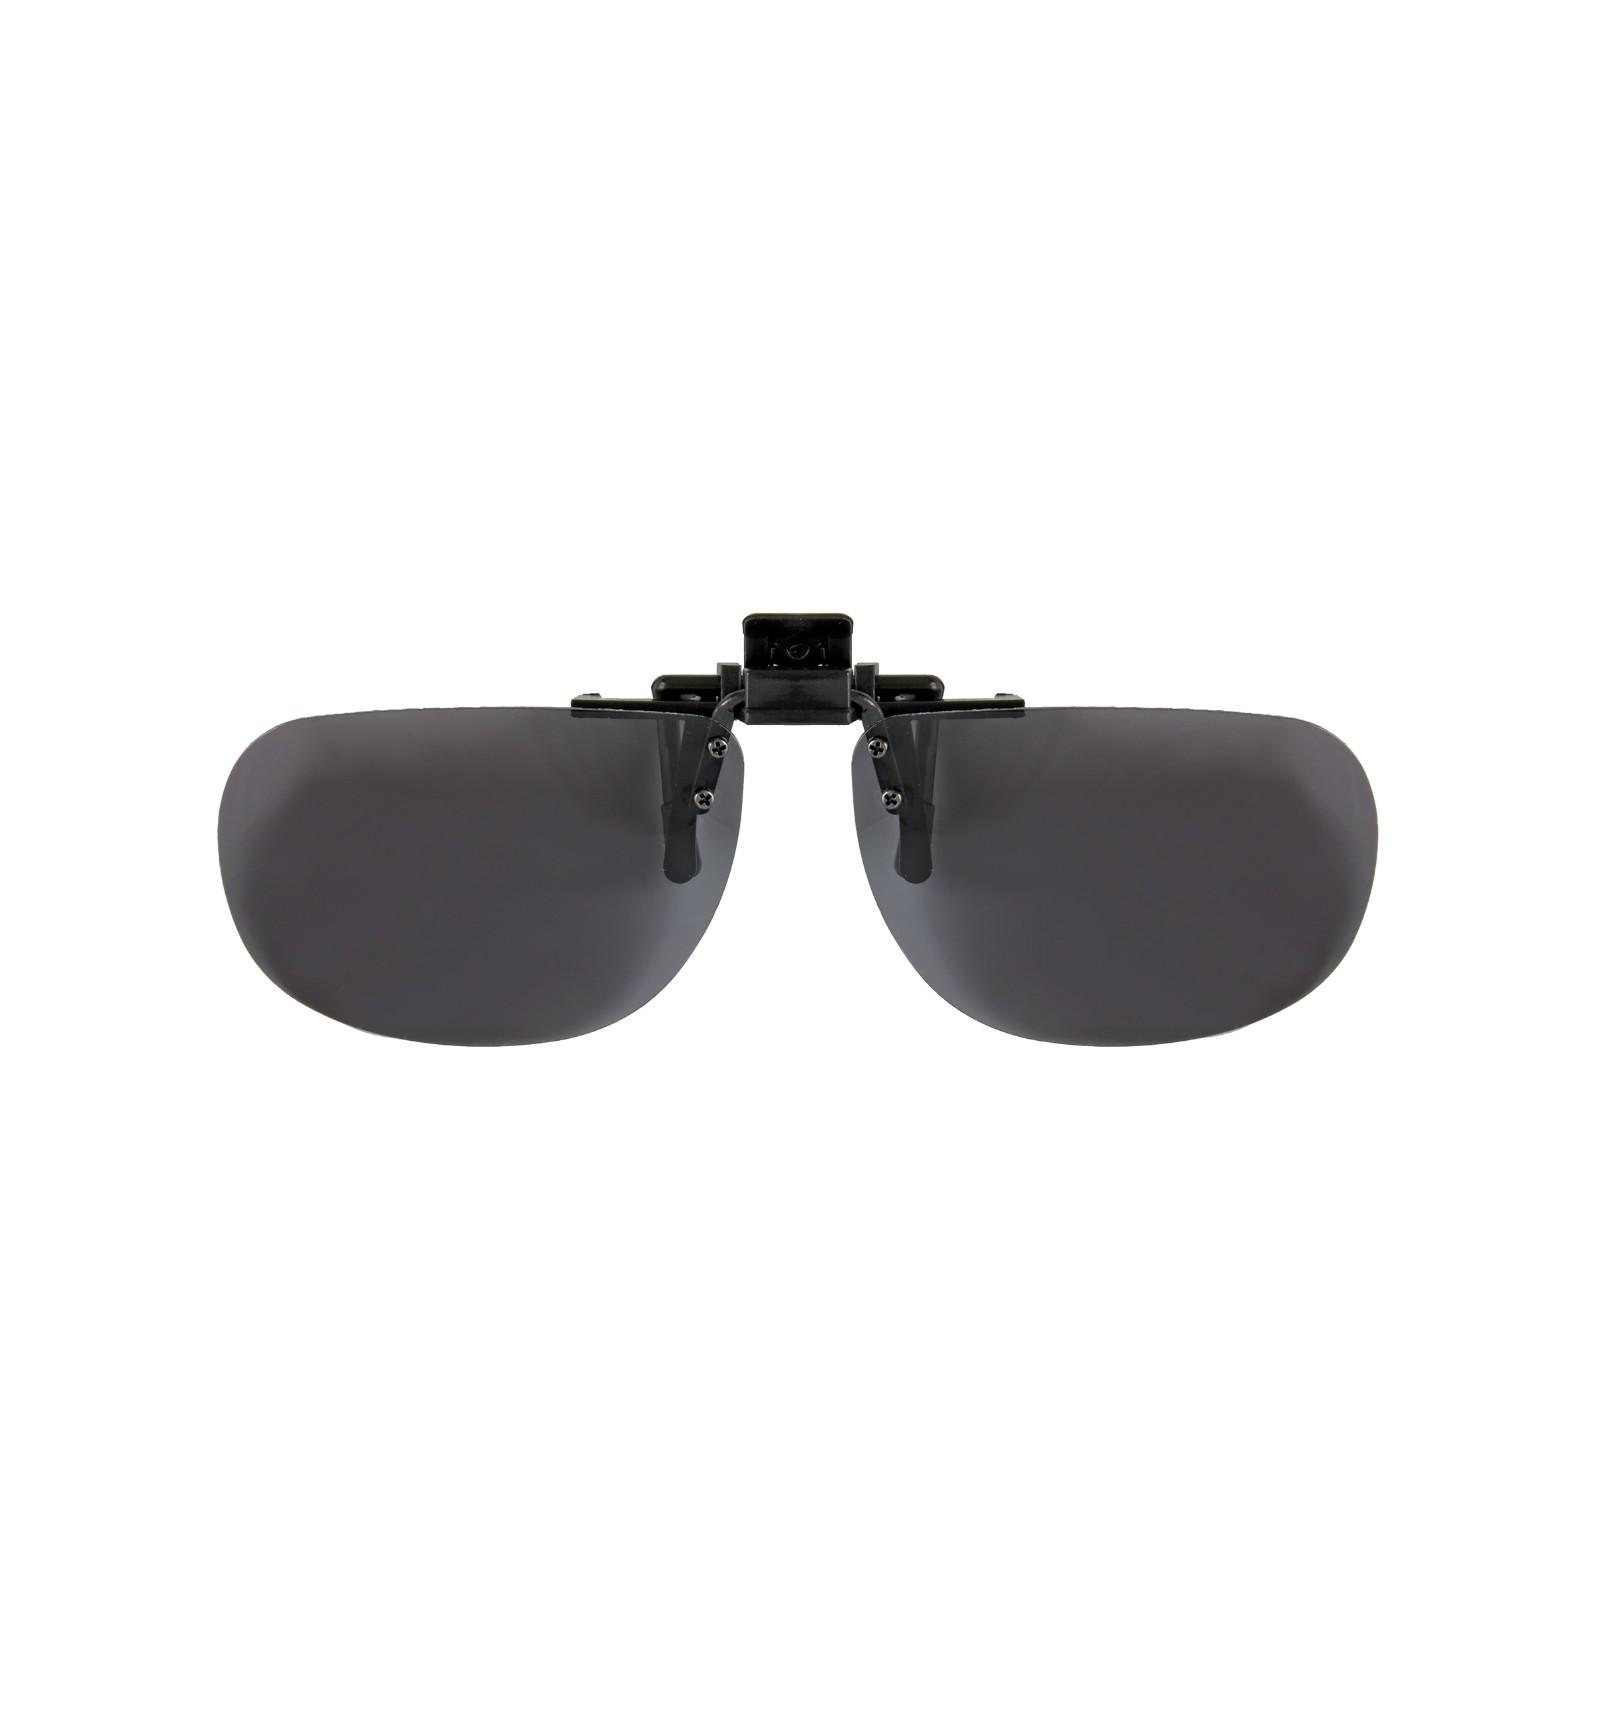 99f5dbb873 Instrumento para acoplar sobre sus gafas y protegerse del Sol. Las lentes  miden 54 x